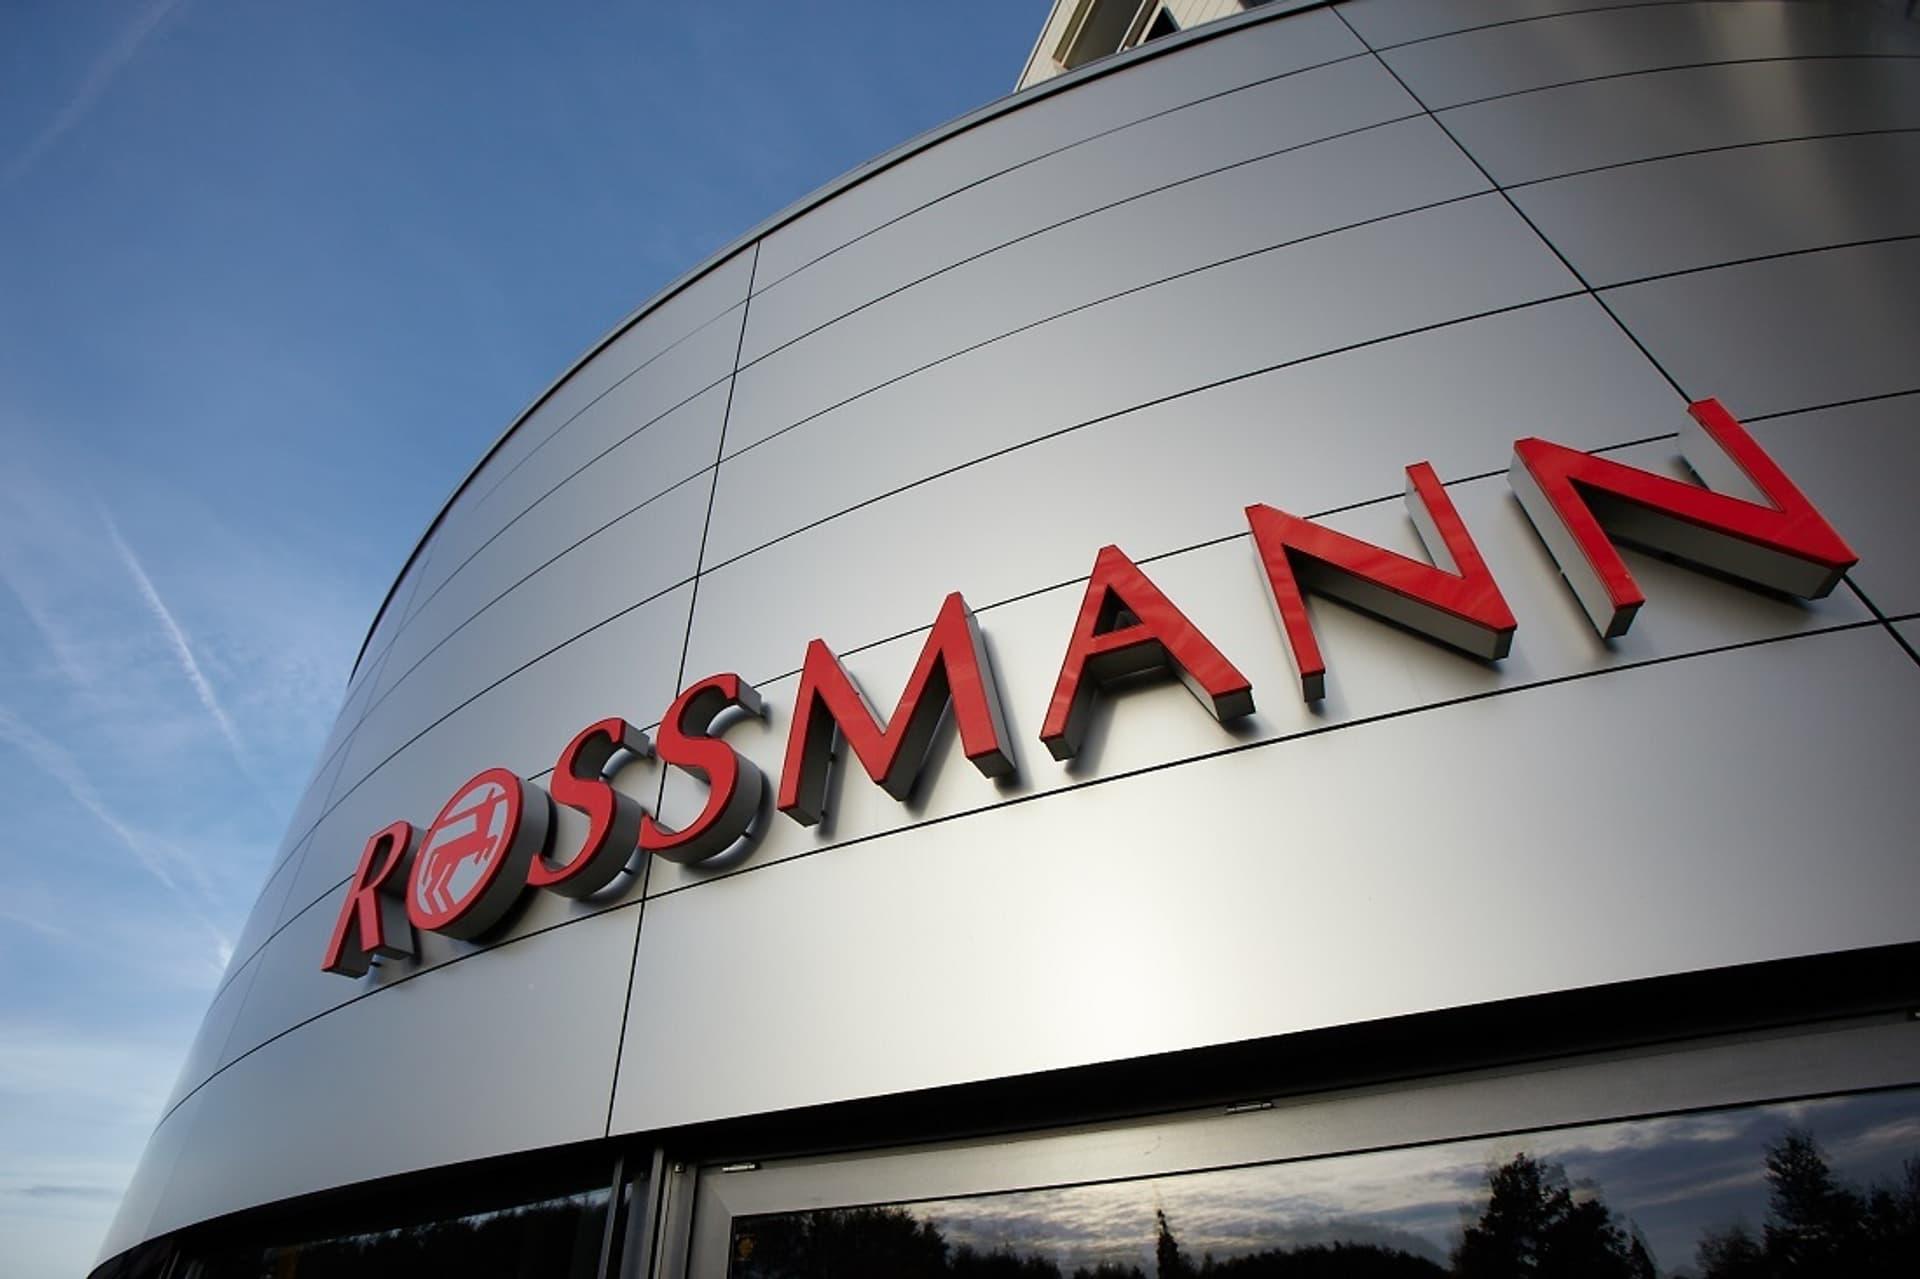 Eingang der Rossmann-Zentrale mit Schriftzug